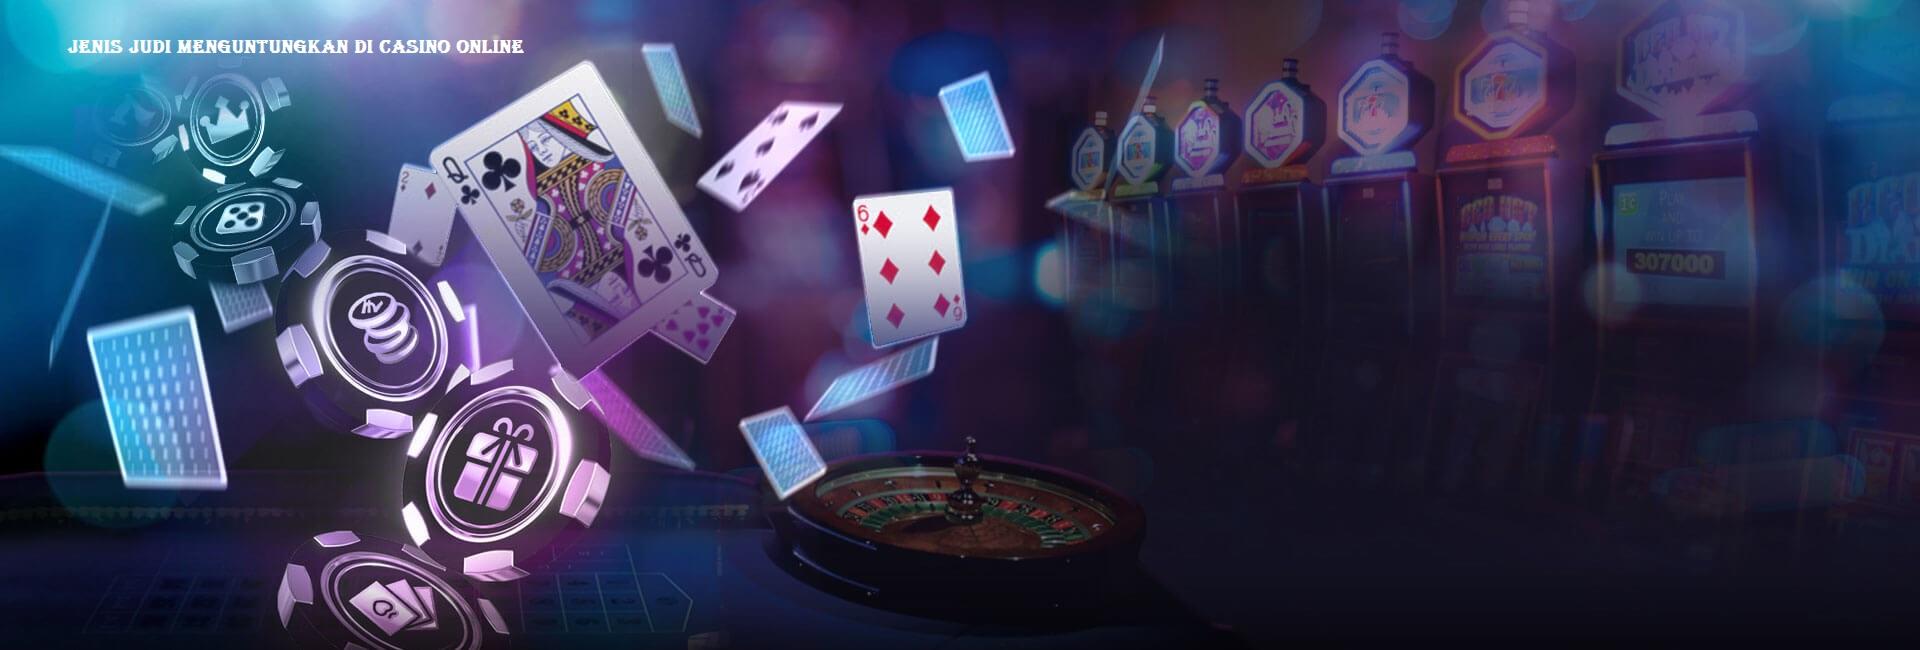 Jenis Judi Menguntungkan di Casino Online